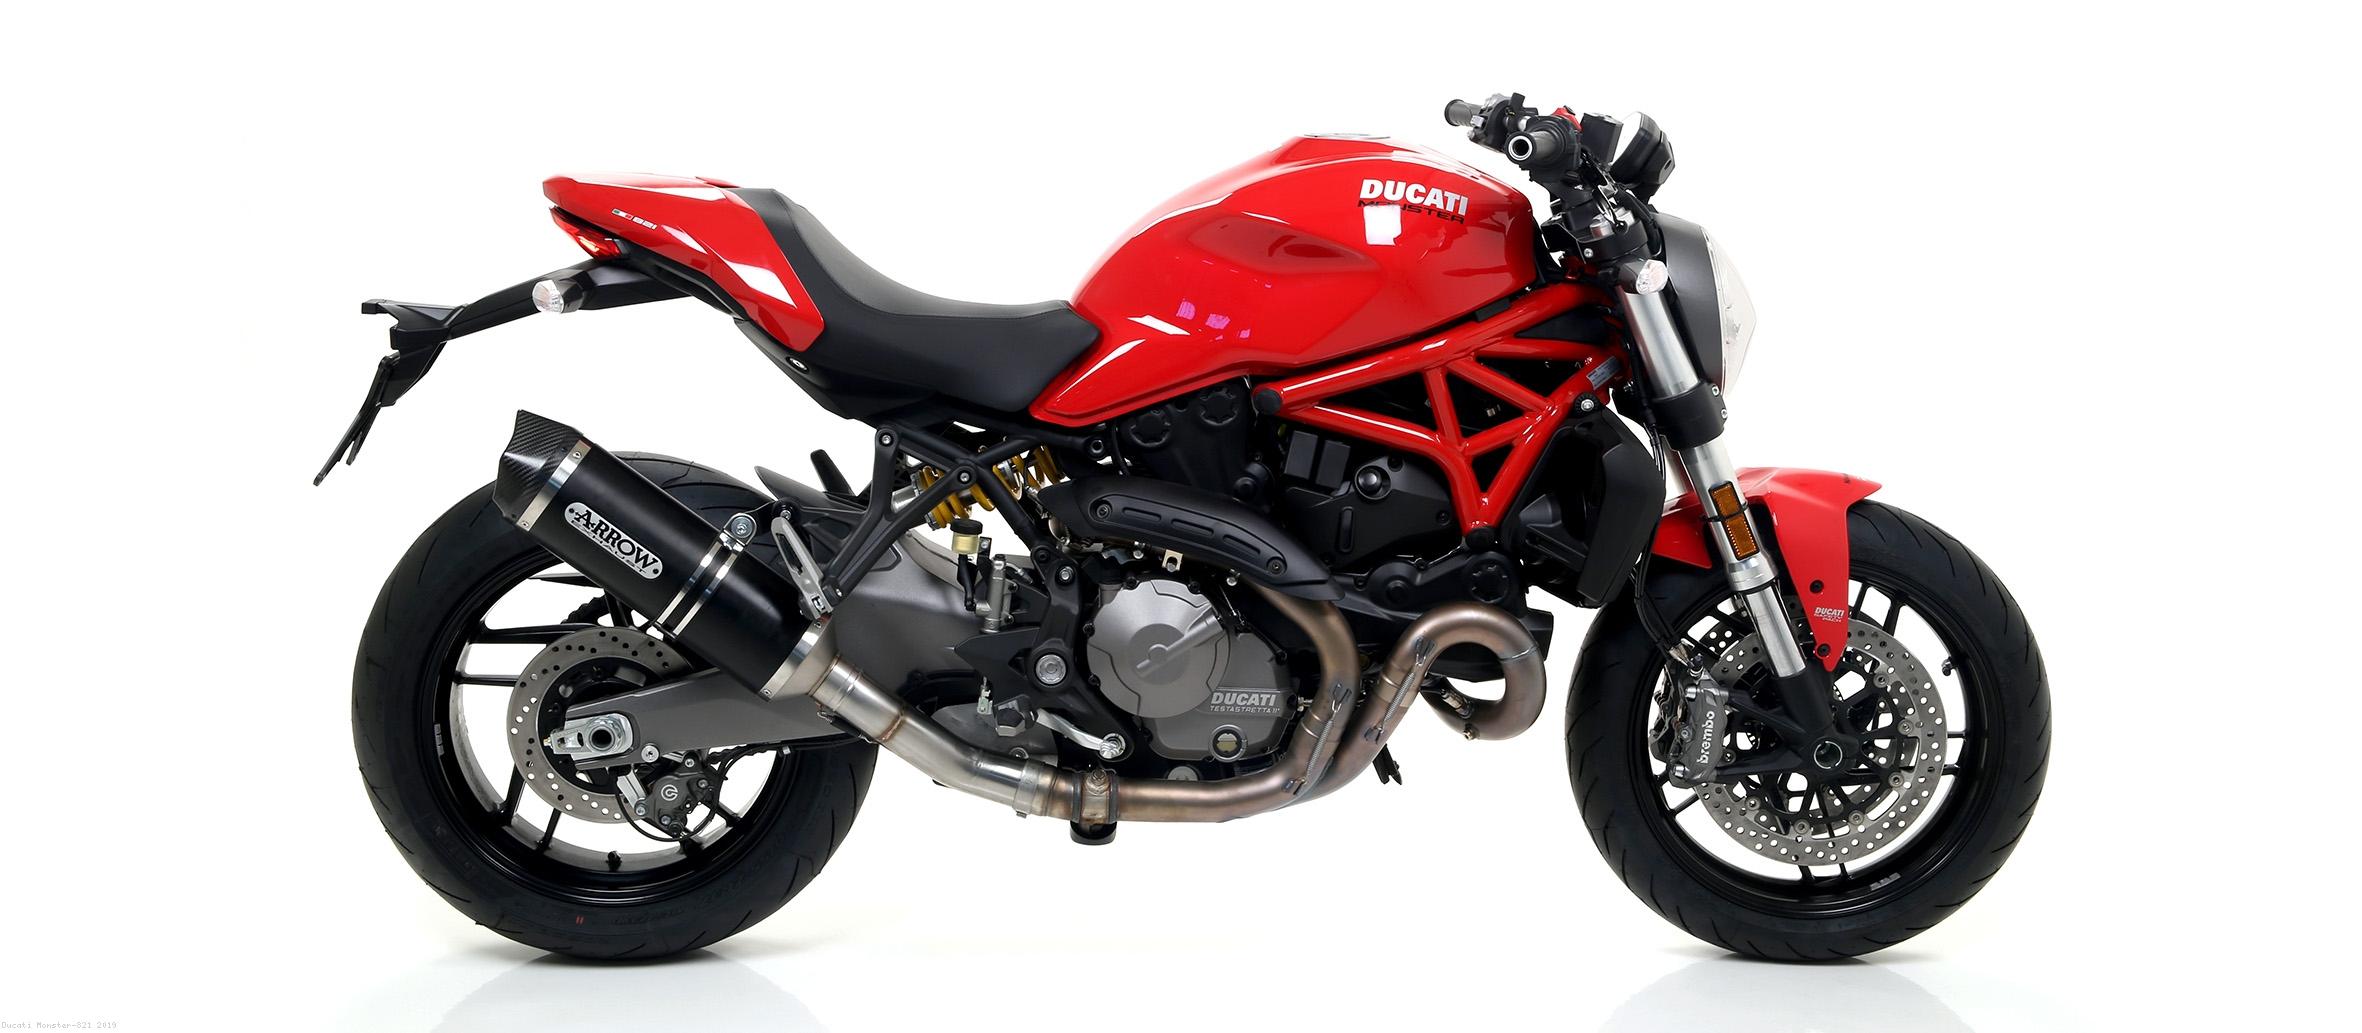 Race Tech Exhaust By Arrow Ducati Monster 821 2019